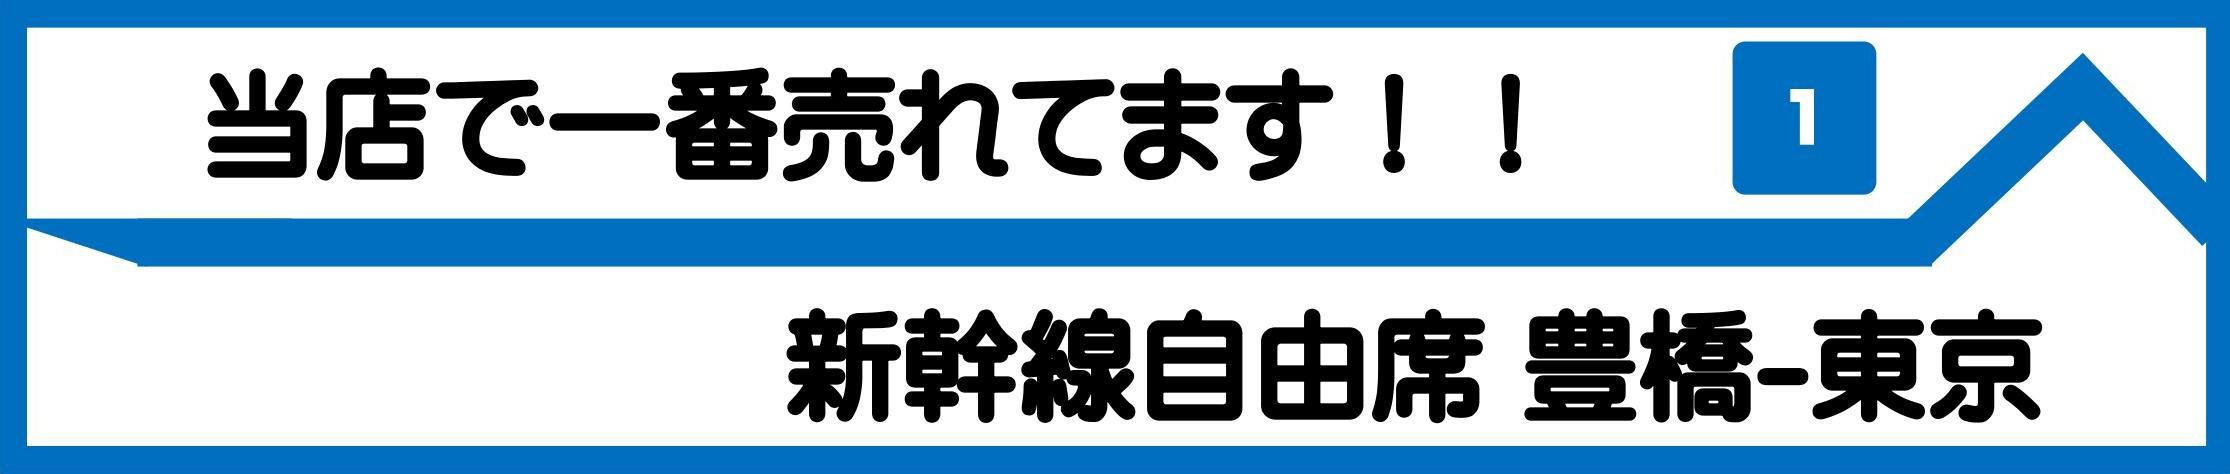 豊橋金券ショップフリーチケット|新幹線豊橋‐東京